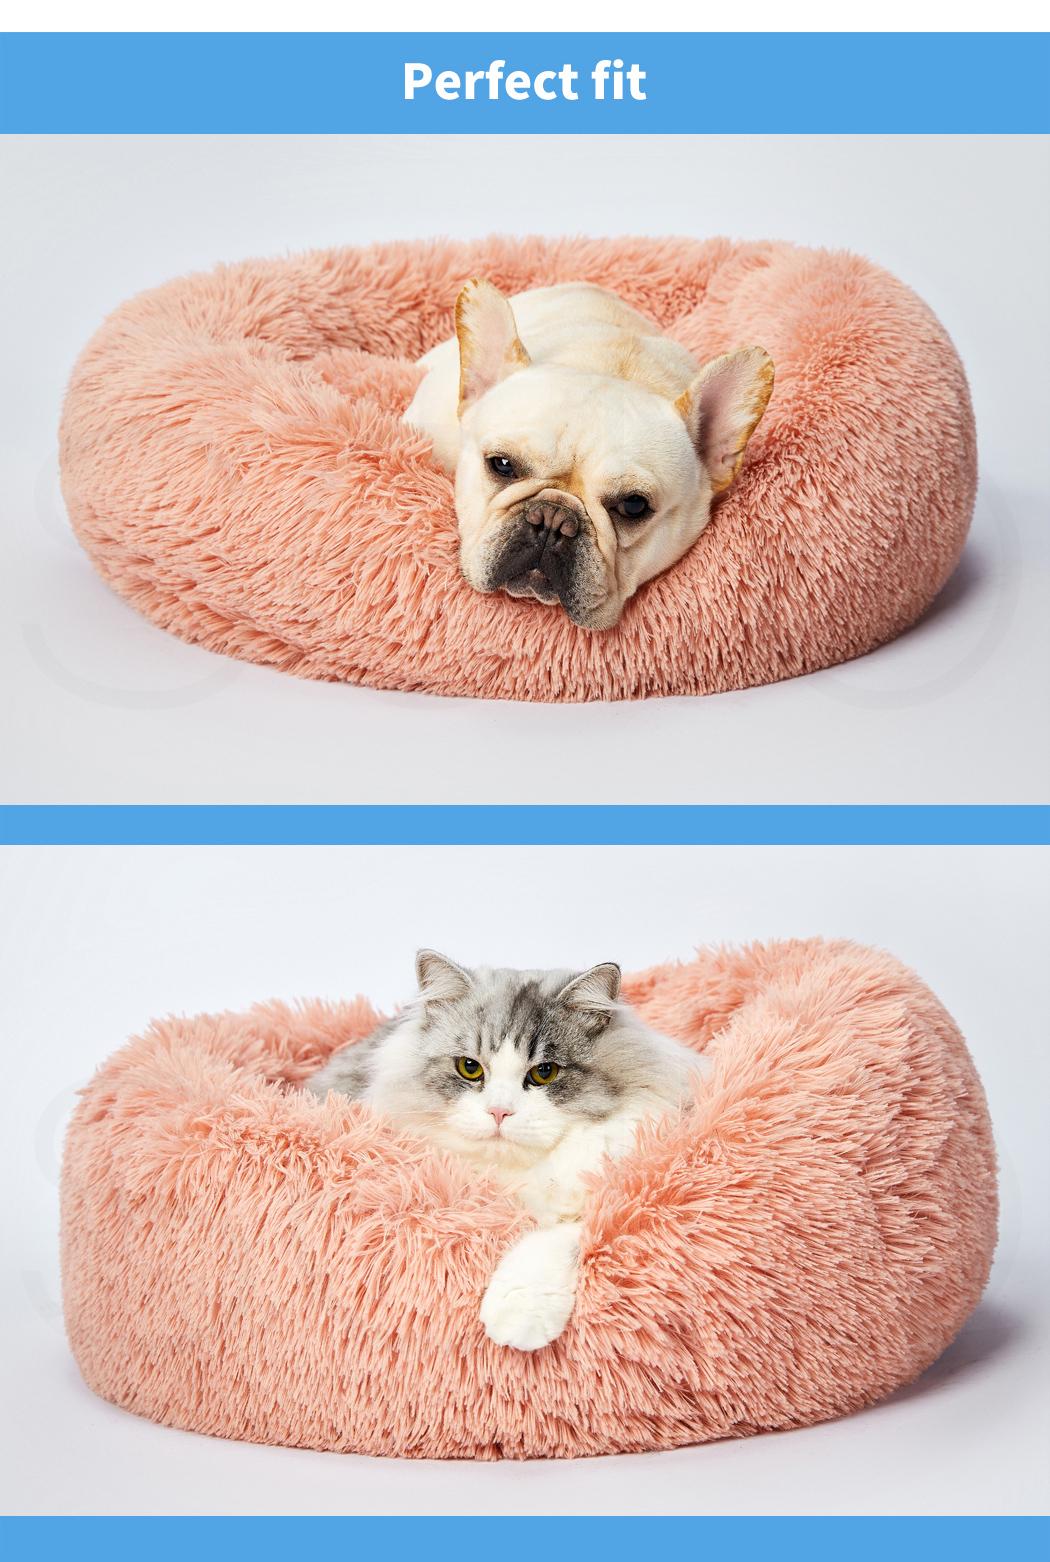 thumbnail 184 - PaWz Pet Bed Cat Dog Donut Nest Calming Mat Soft Plush Kennel Cave Deep Sleeping